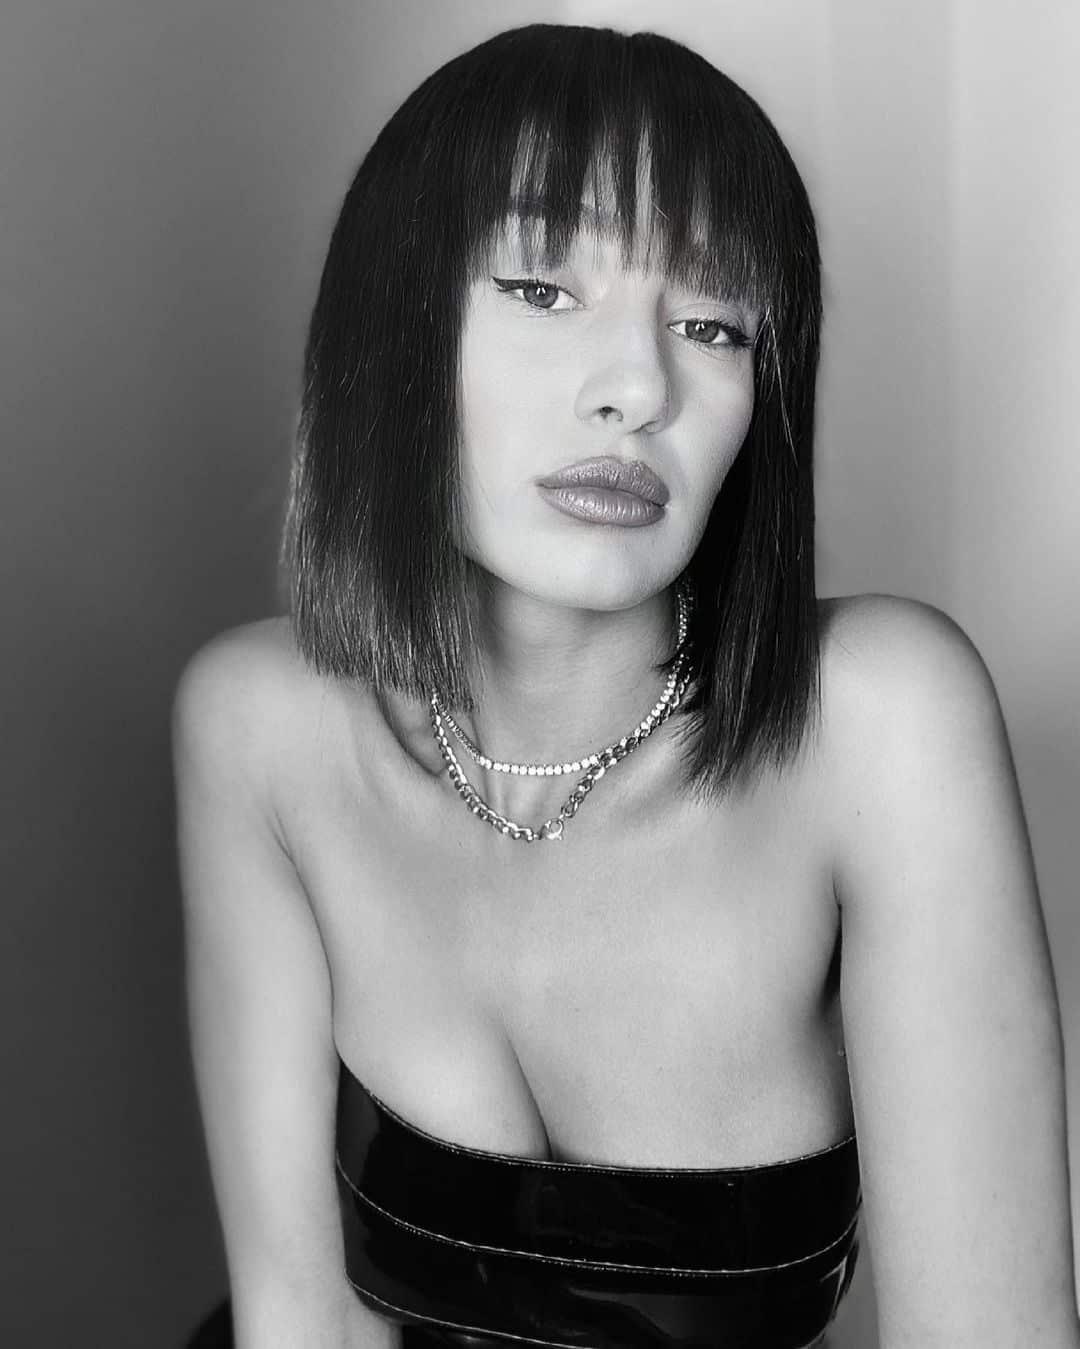 Alina Eremia, aparație de senzație pe Instagram! Cum arată artista cu noul look și cum au reacționat fanii / FOTO